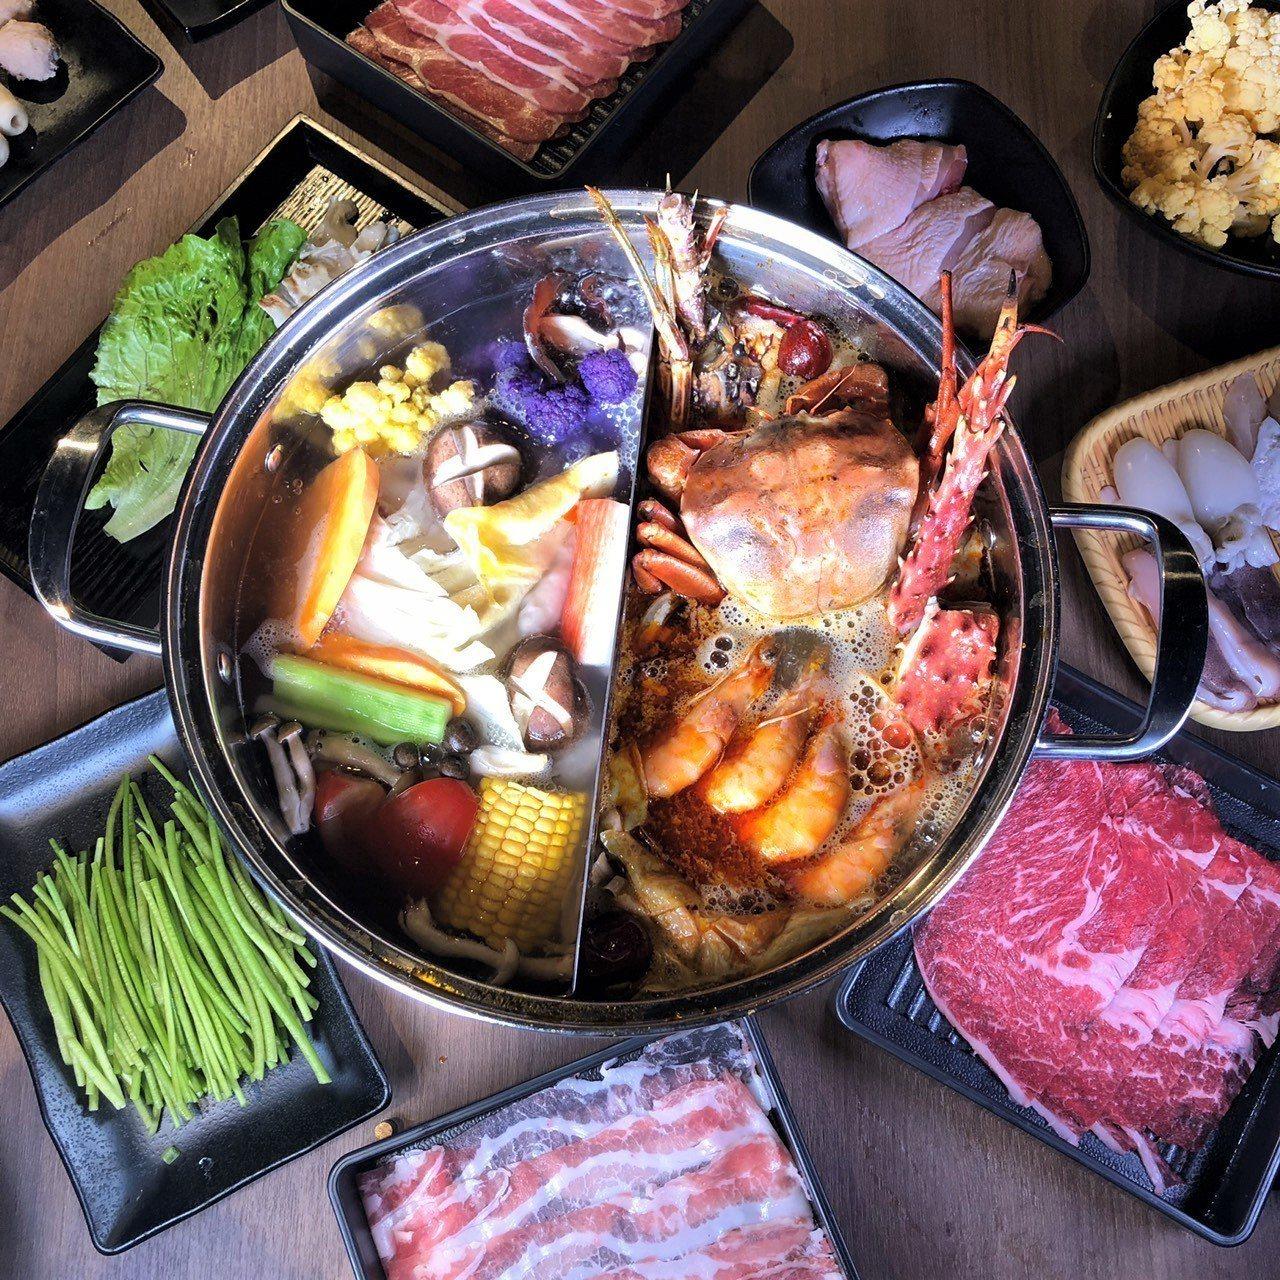 由海霸王所開設的前鎮水產,號稱是全台北最大的水產市集鍋物。圖/海霸王提供